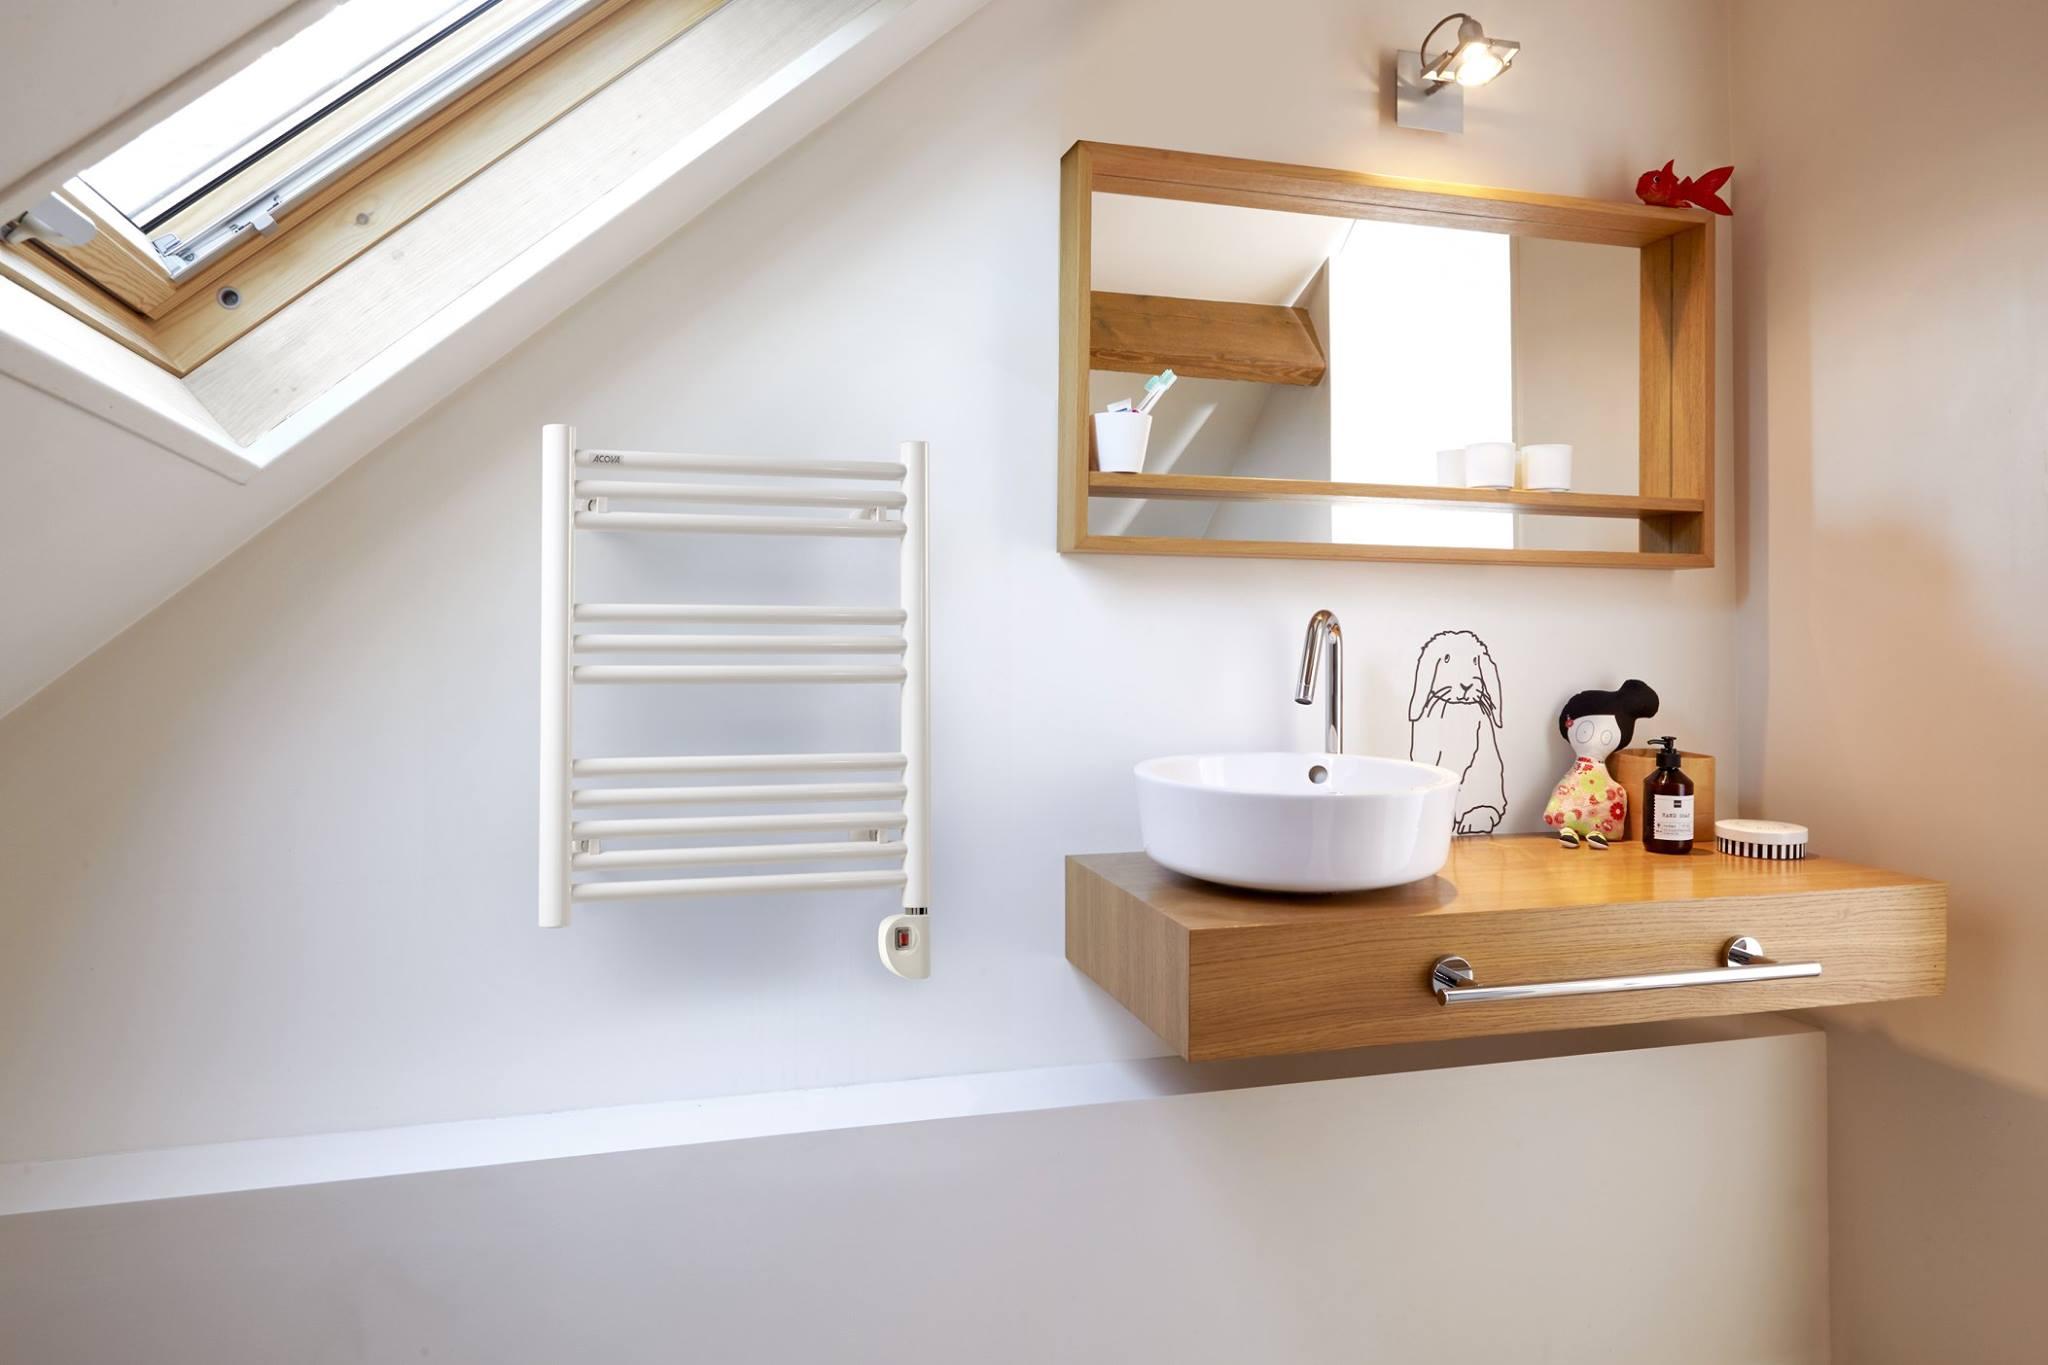 acova radiateurs et s che serviettes pour chauffer votre. Black Bedroom Furniture Sets. Home Design Ideas